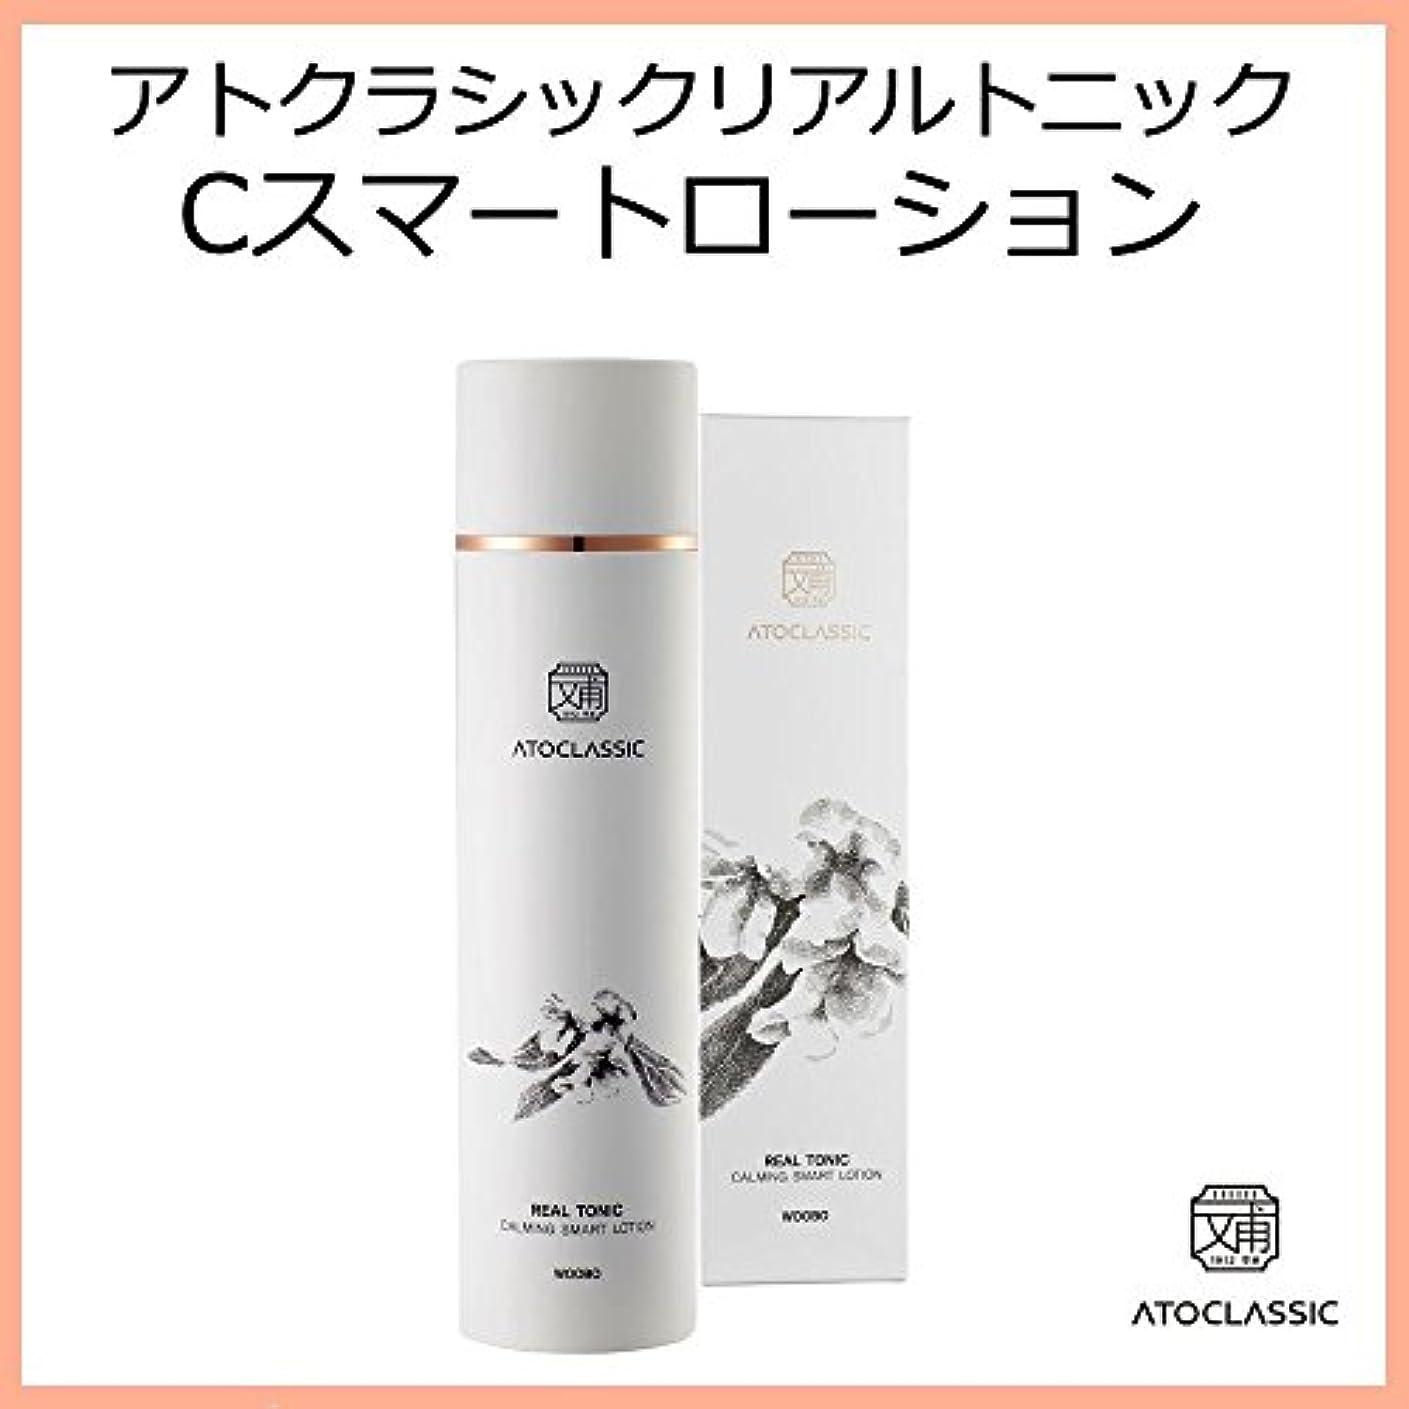 処理する含むリーフレット韓国コスメ ATOCLASSIC アトクラシックリアルトニック Cスマートローション(Calming Smart Lotion) 200ml